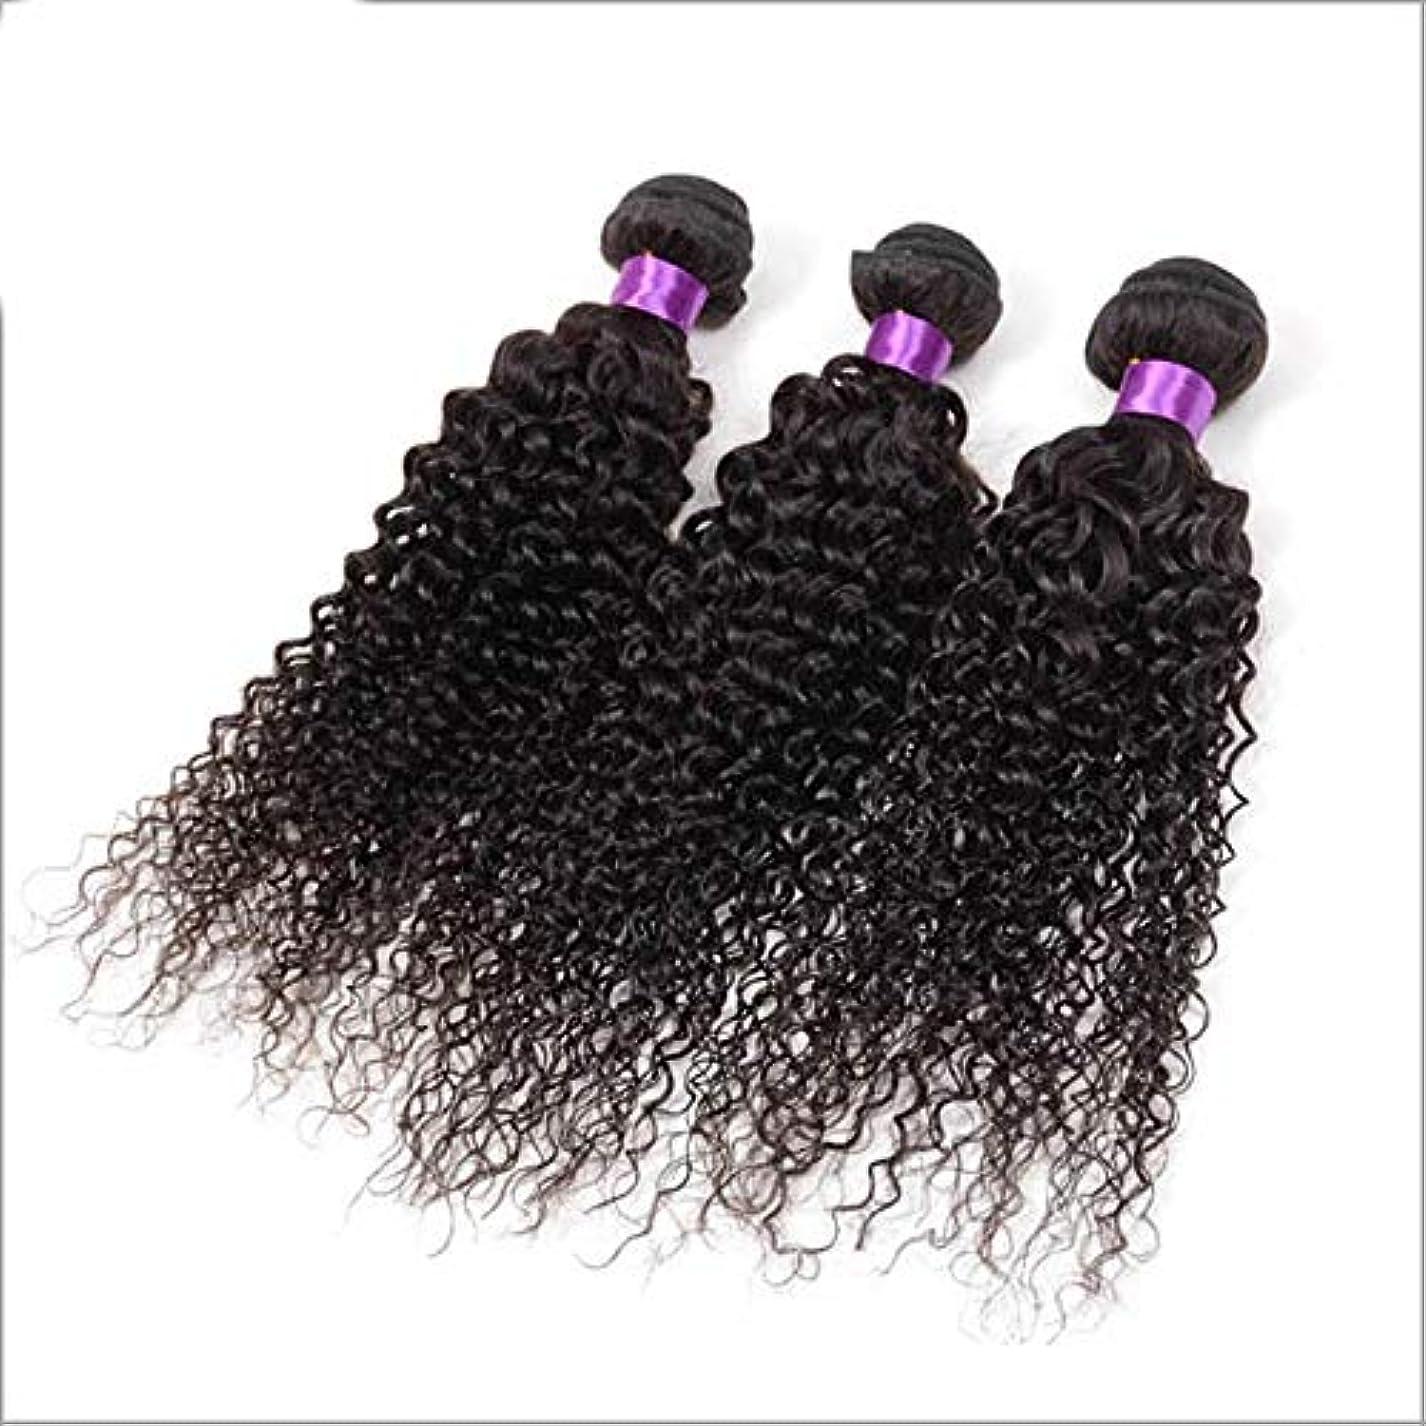 フォーマル緩やかなギャングHOHYLLYA ブラジルの変態巻き毛の束人間の髪の束3バンドルナチュラルブラックカラー複合毛レースのかつらロールプレイングかつら (色 : ブラック, サイズ : 20 inch)